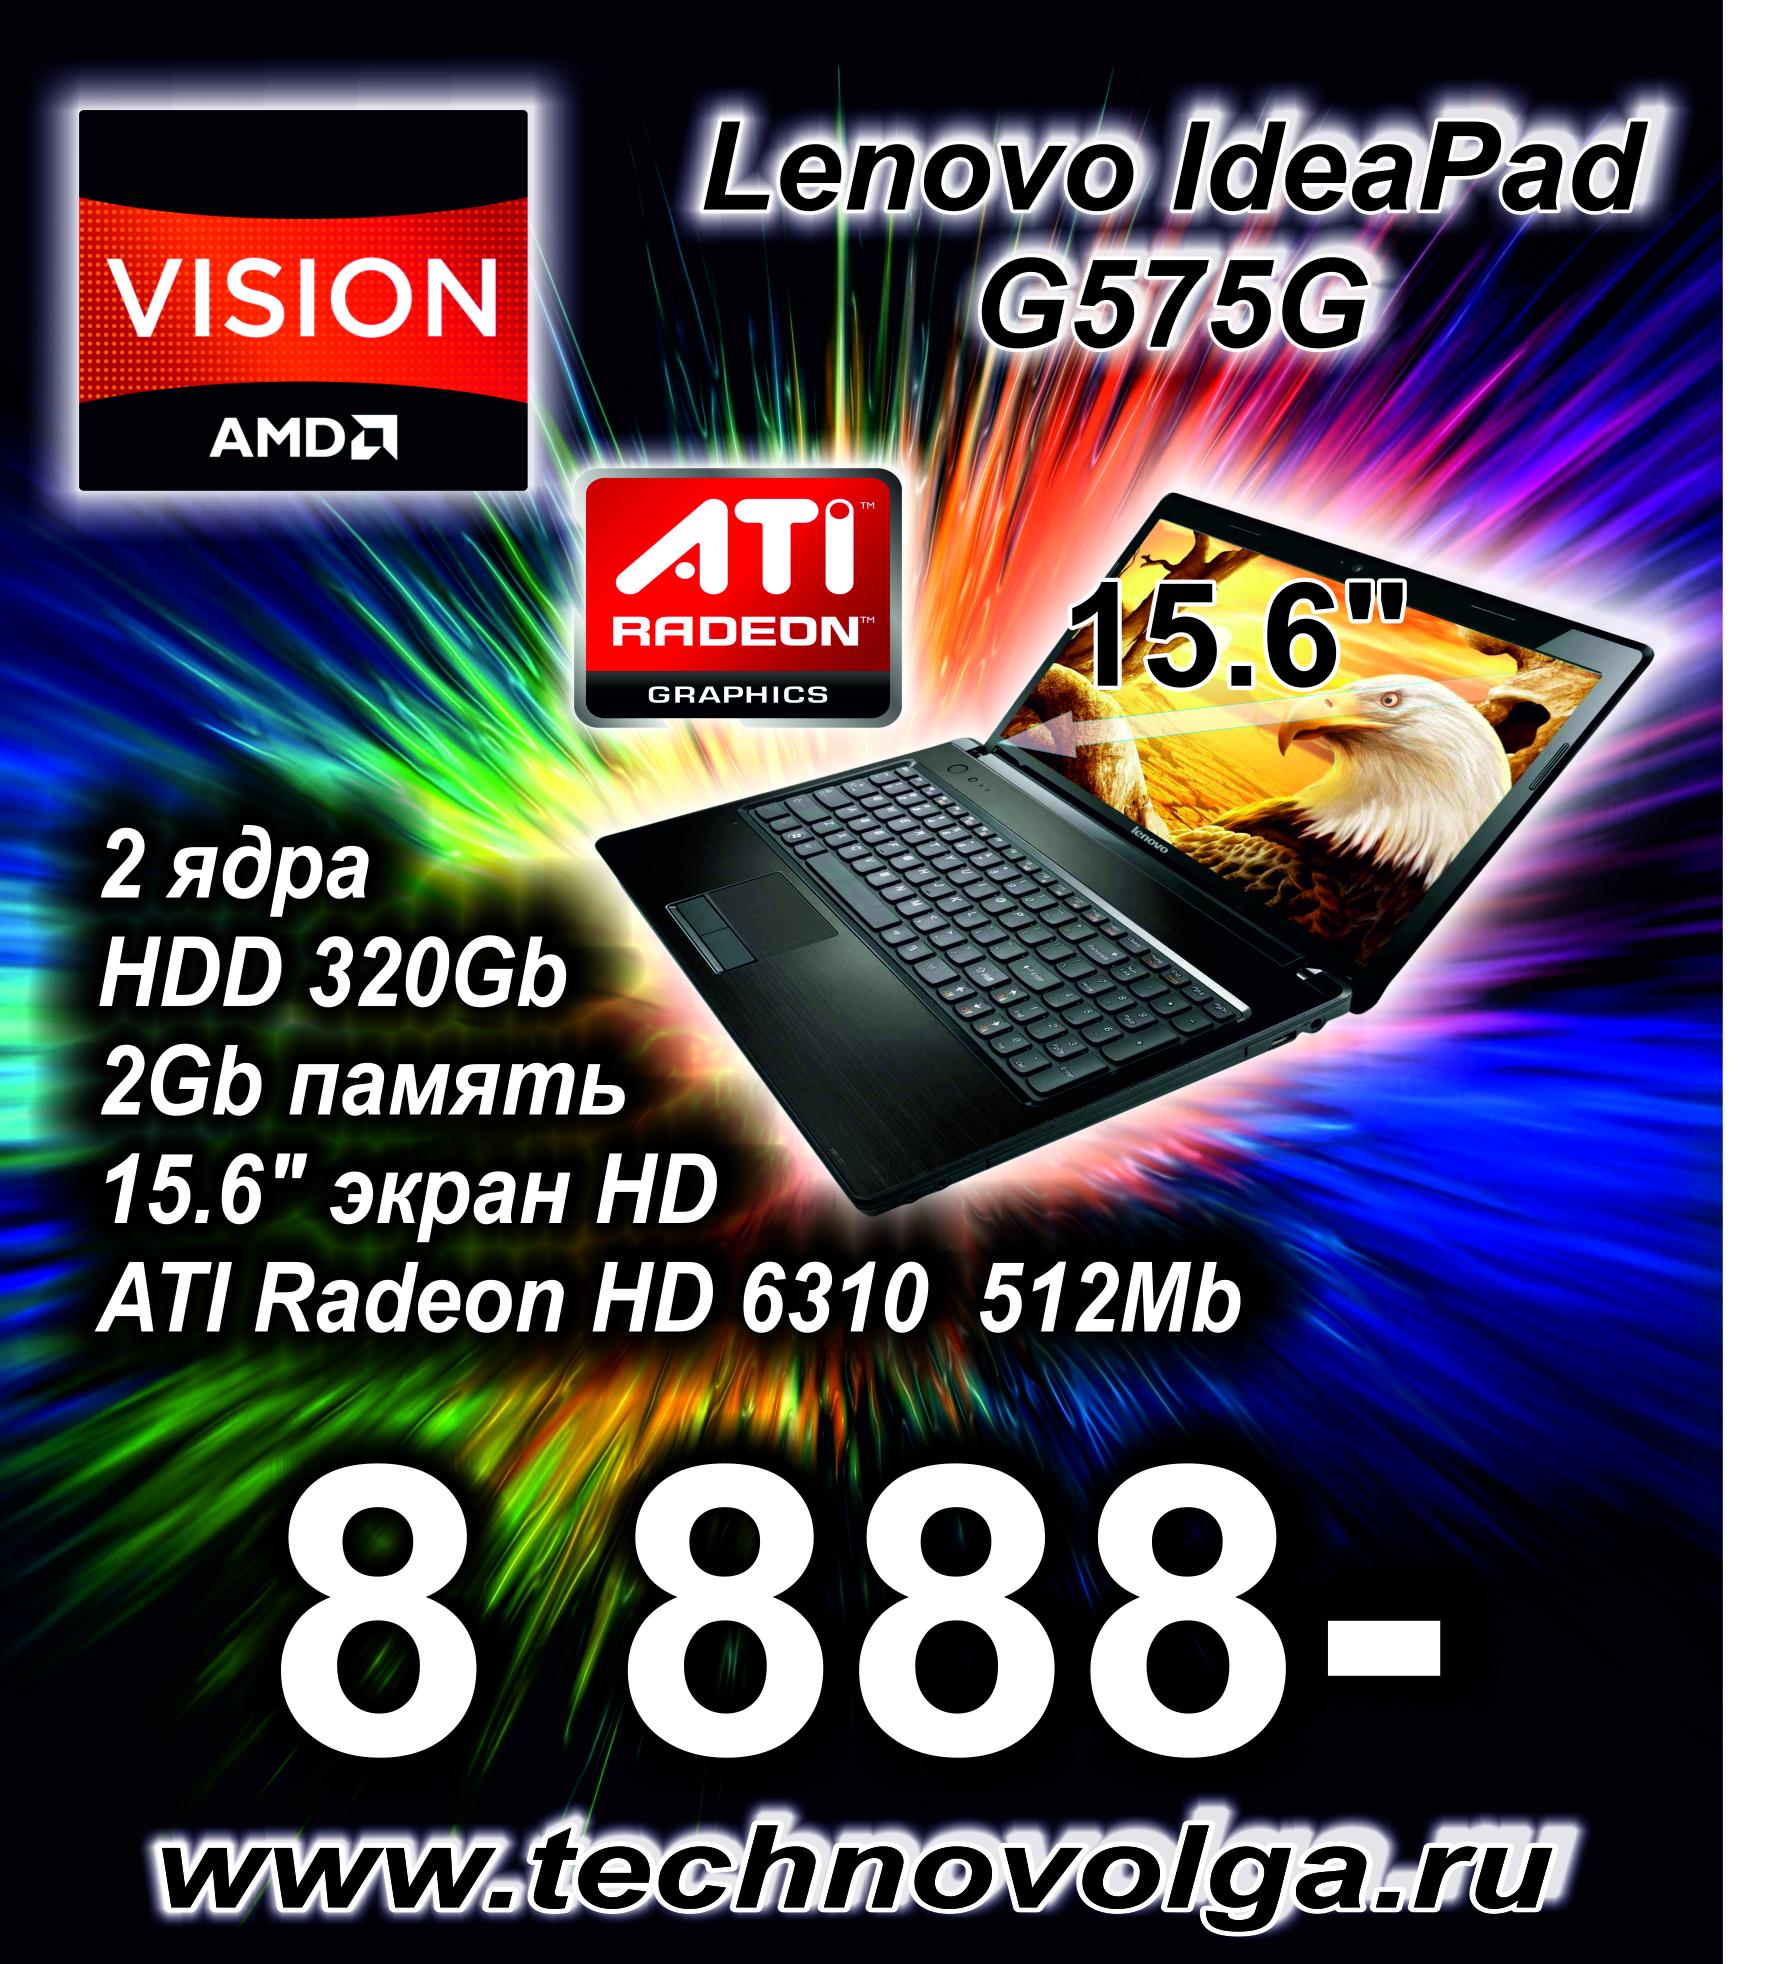 Lenovo 8888.jpg